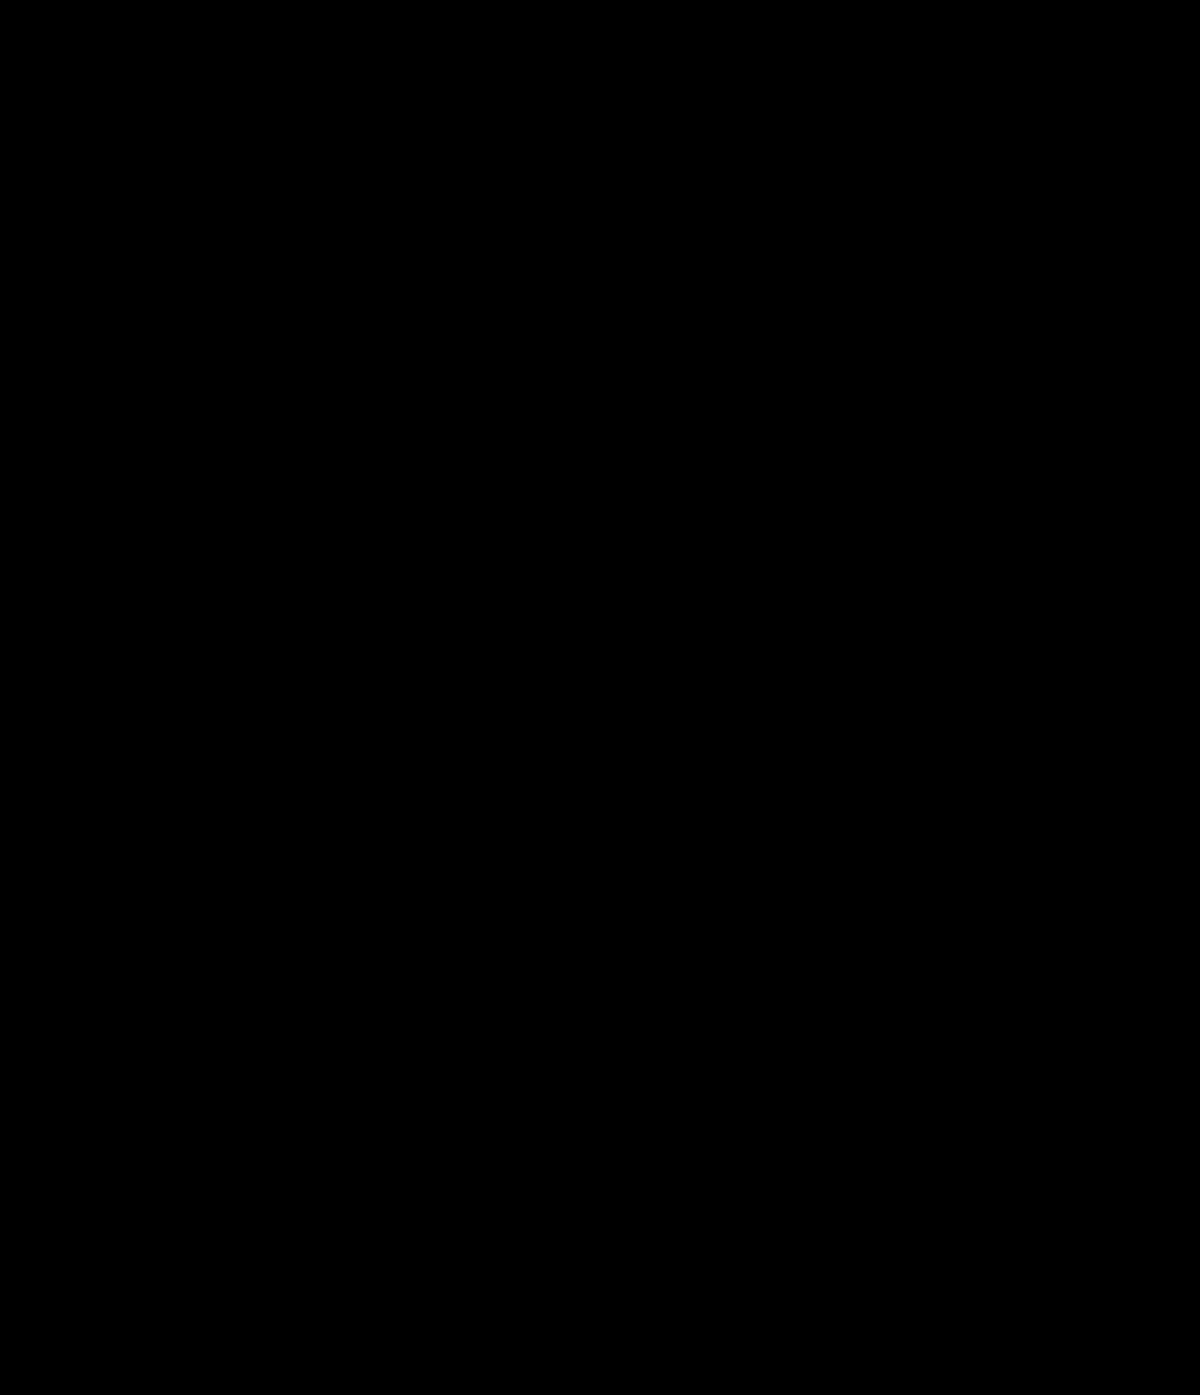 Текст в рамке на картинке